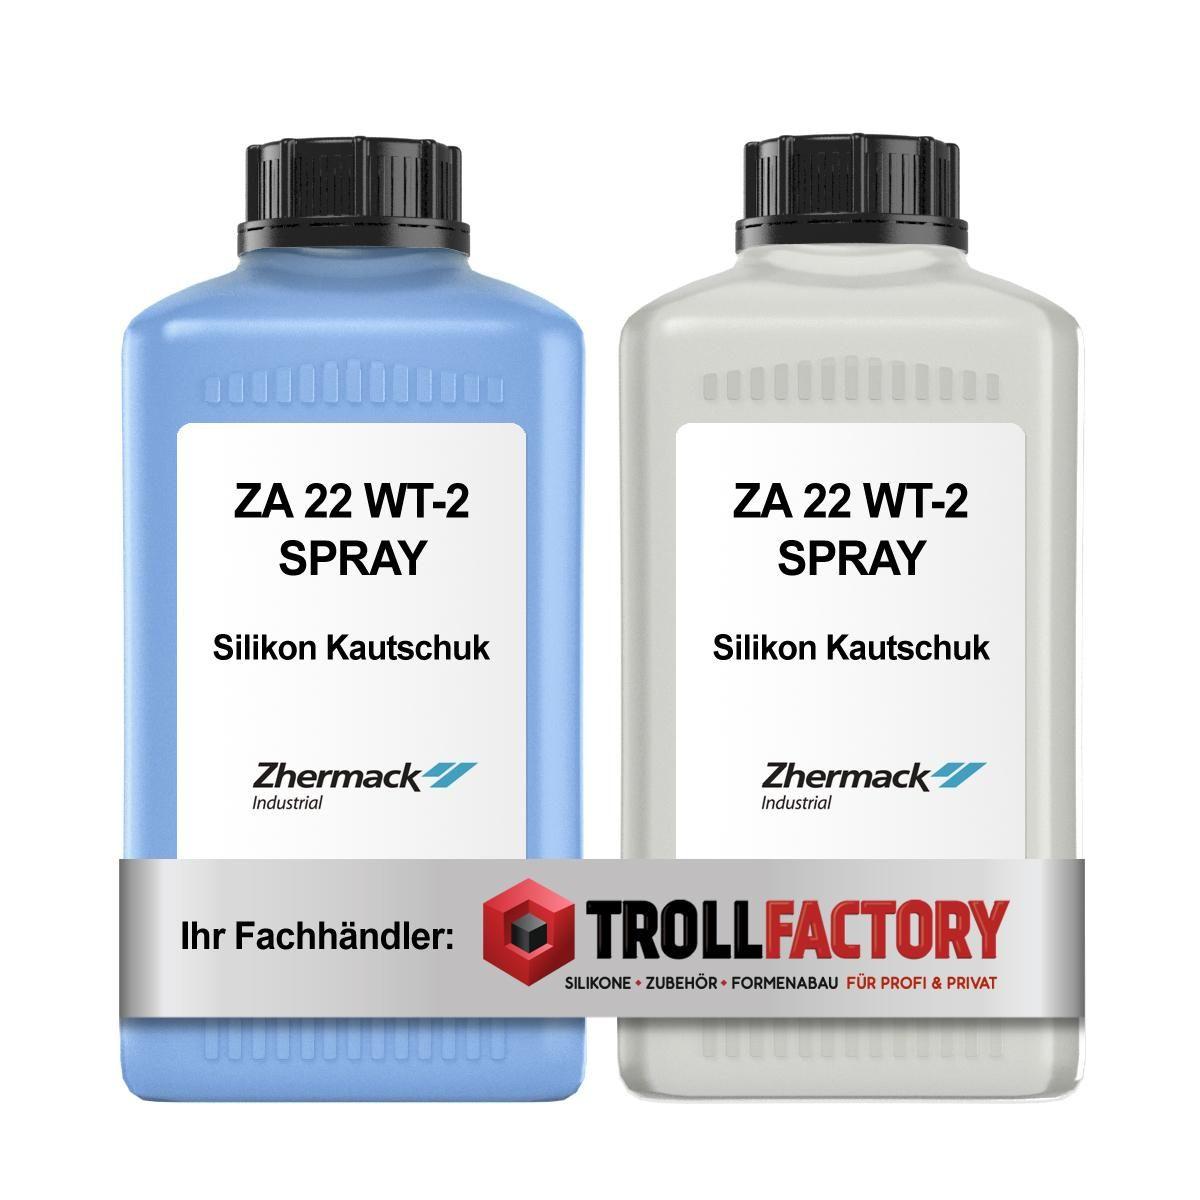 Zhermack Silikon Kautschuk ZA 22 WT-2 Spray 1+1kg